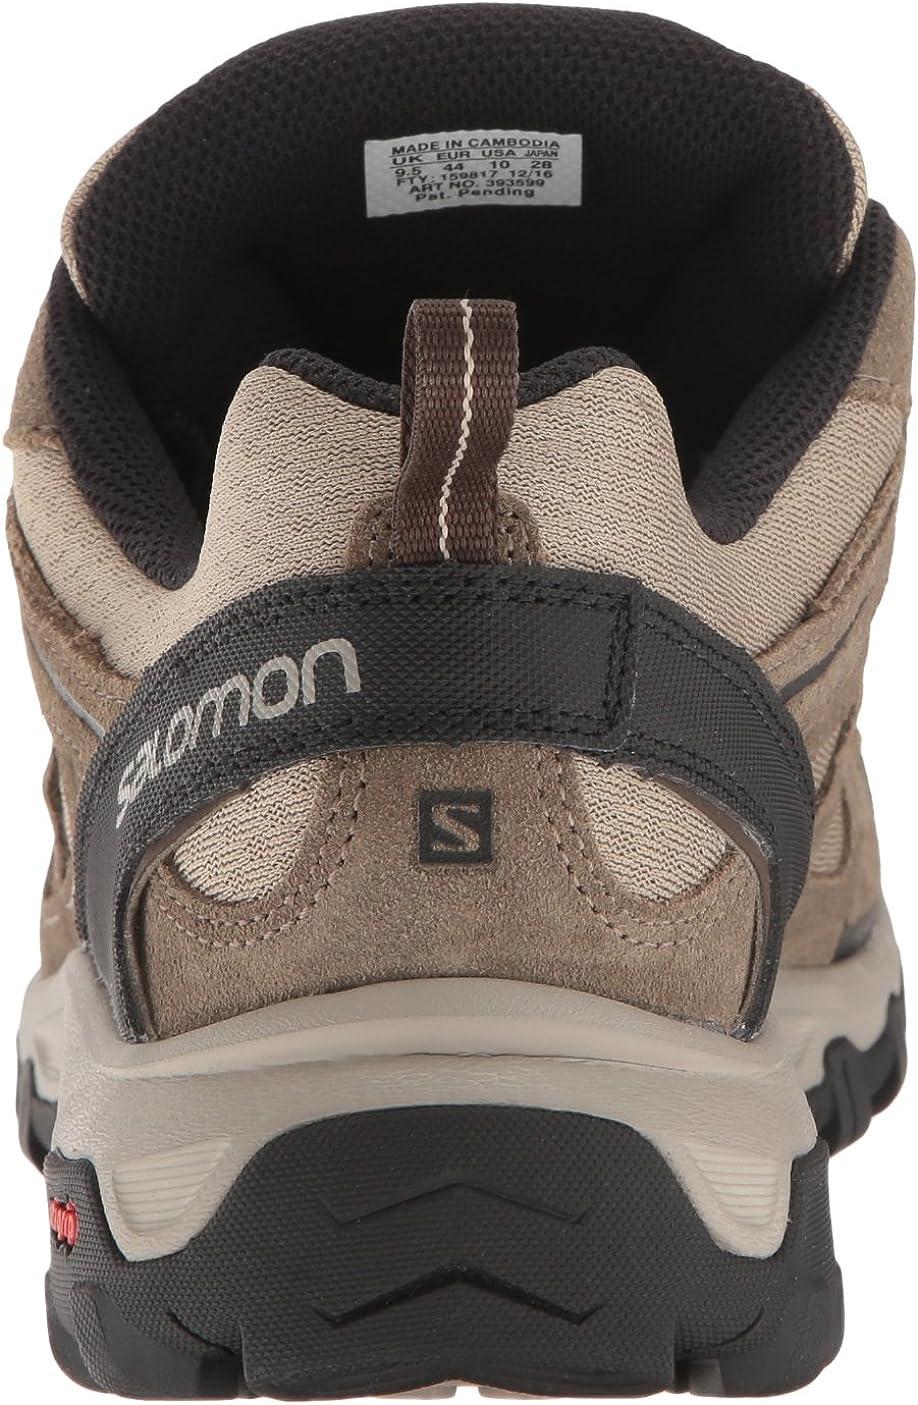 Salomon Herren EVASION 2 AERO Hiking und Multifunktionsschuhe, SynthetikTextil